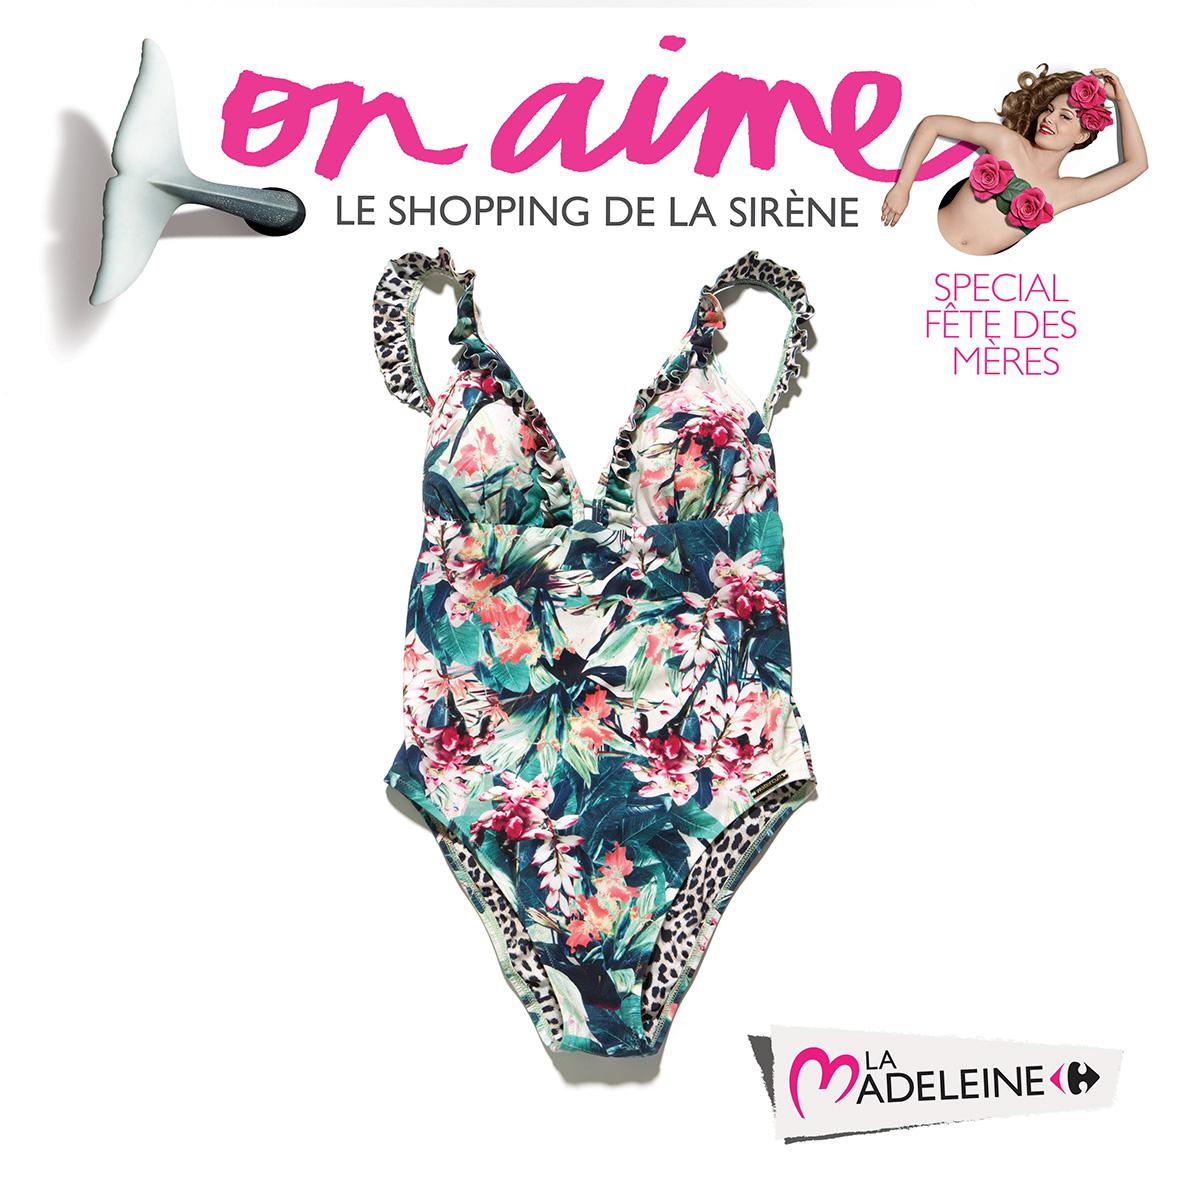 Colombine lingerie.jpg